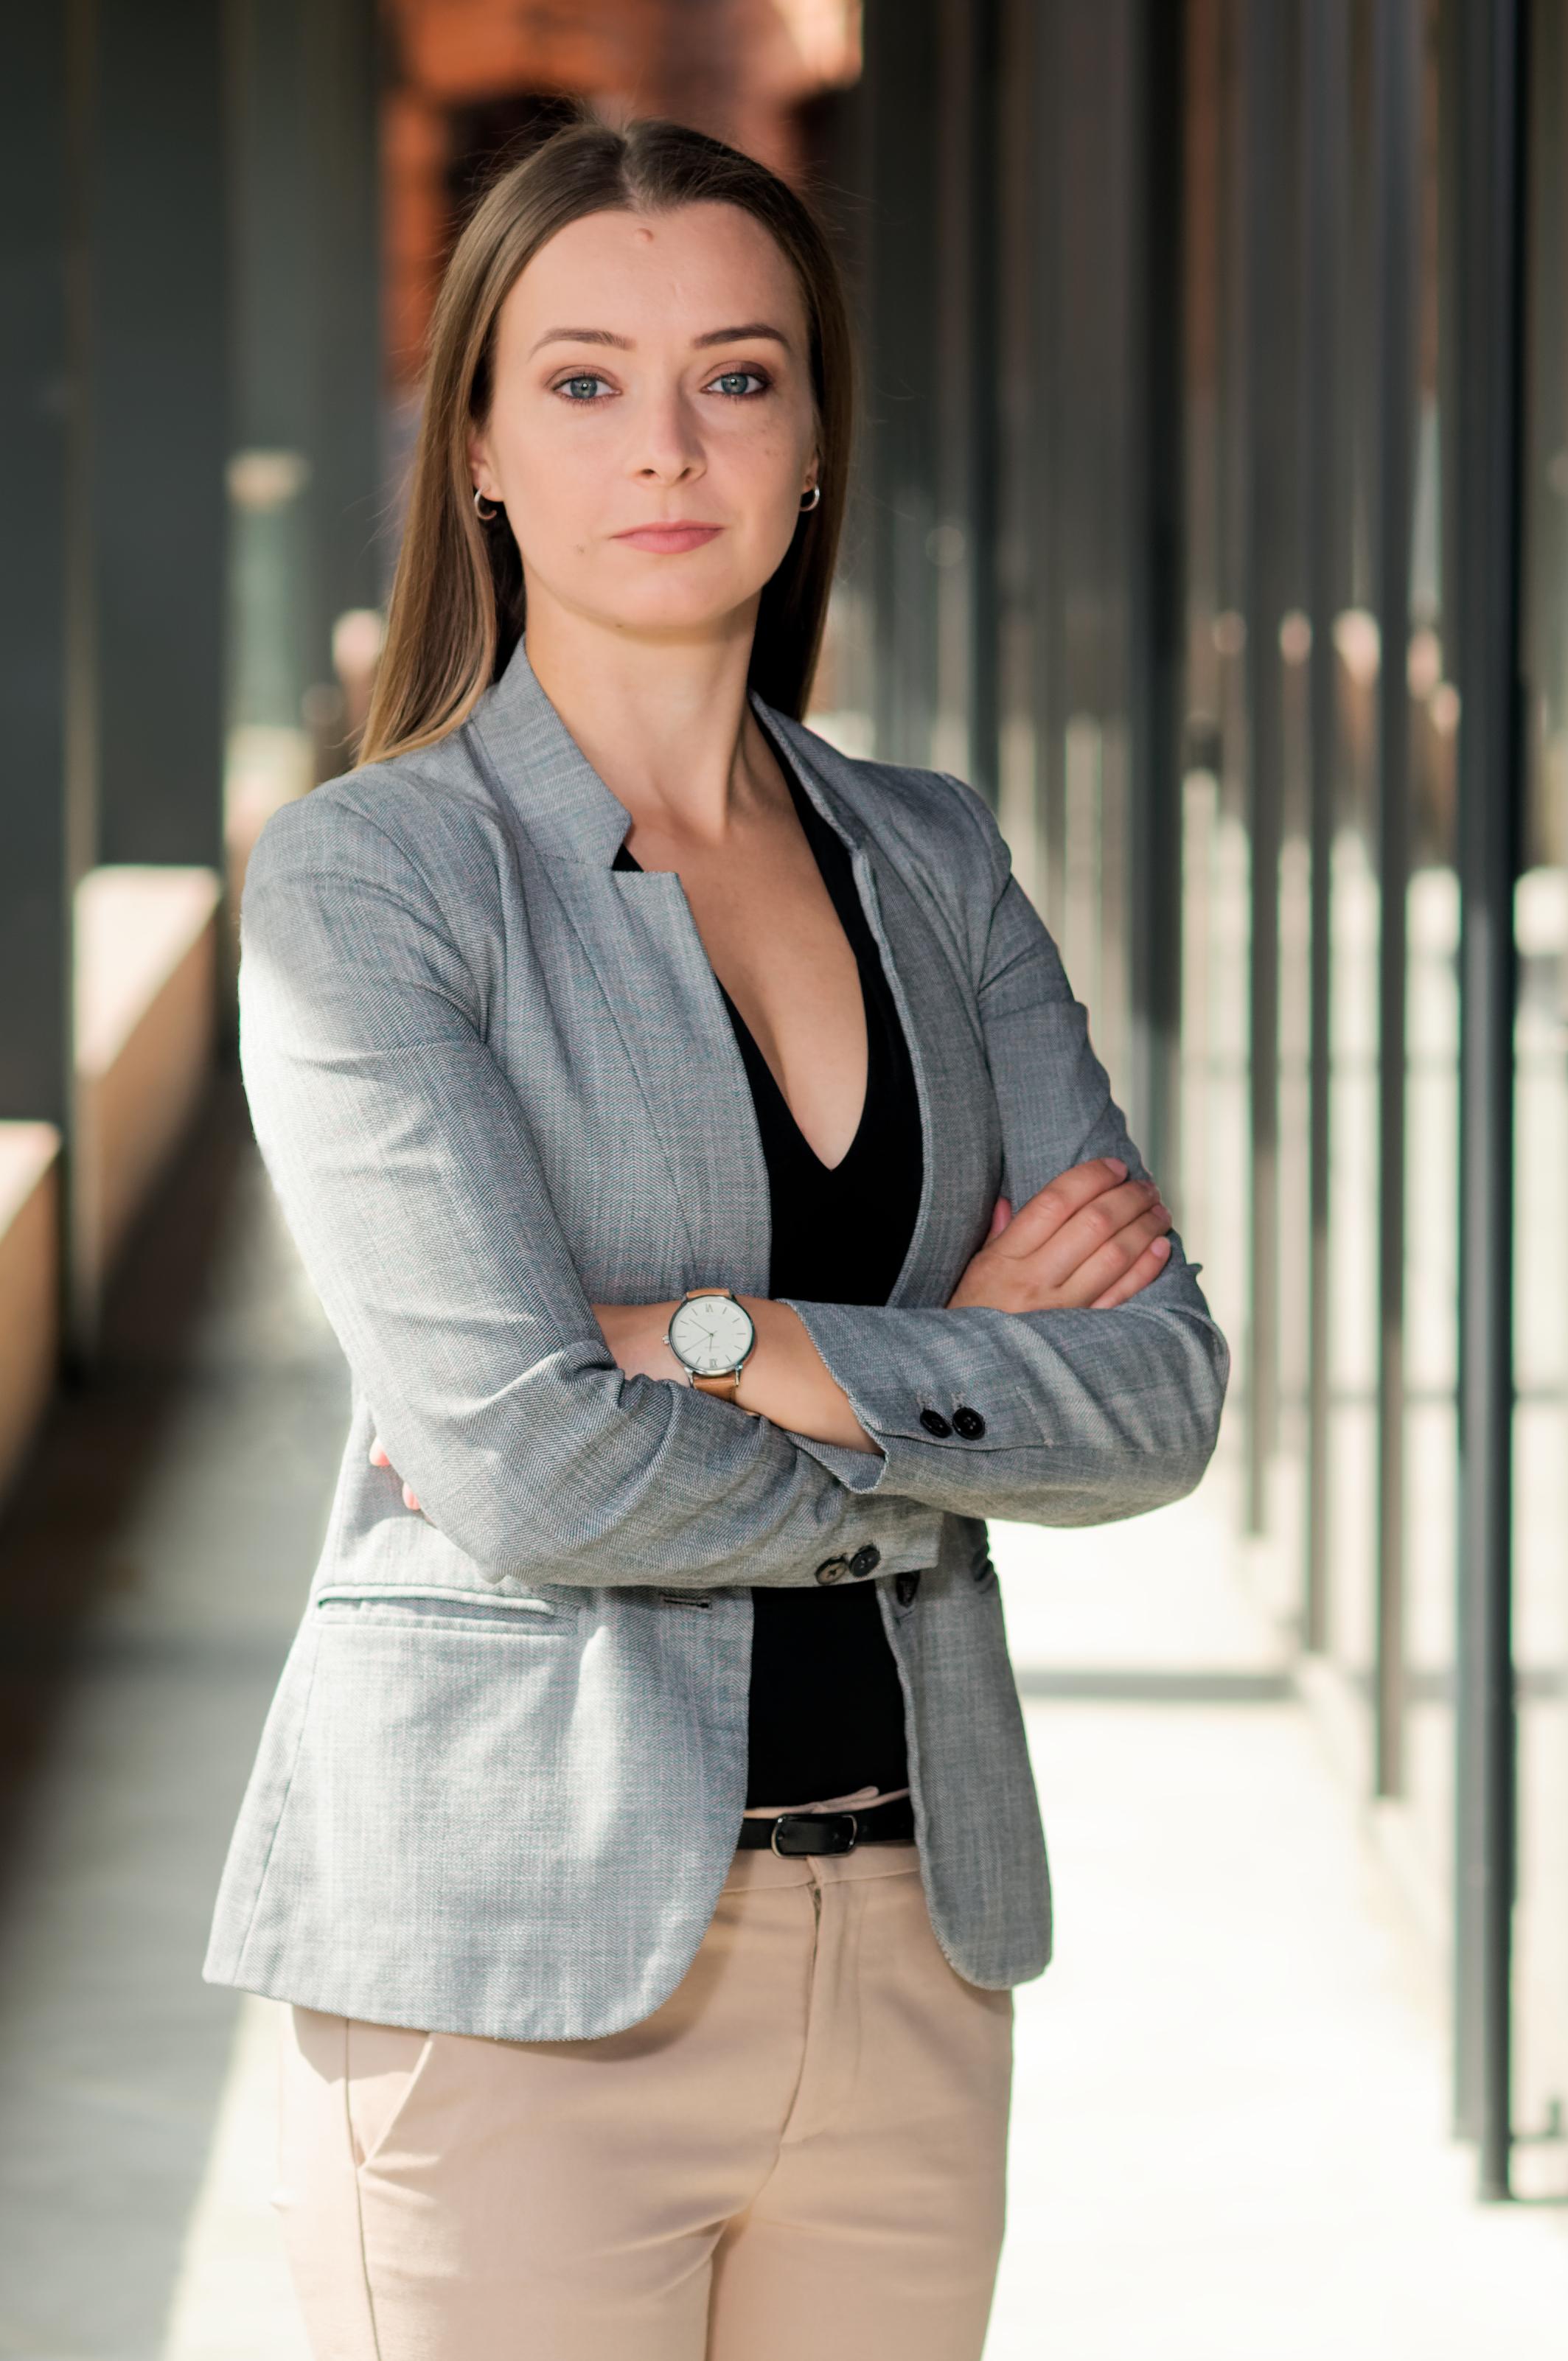 Olga Lekh